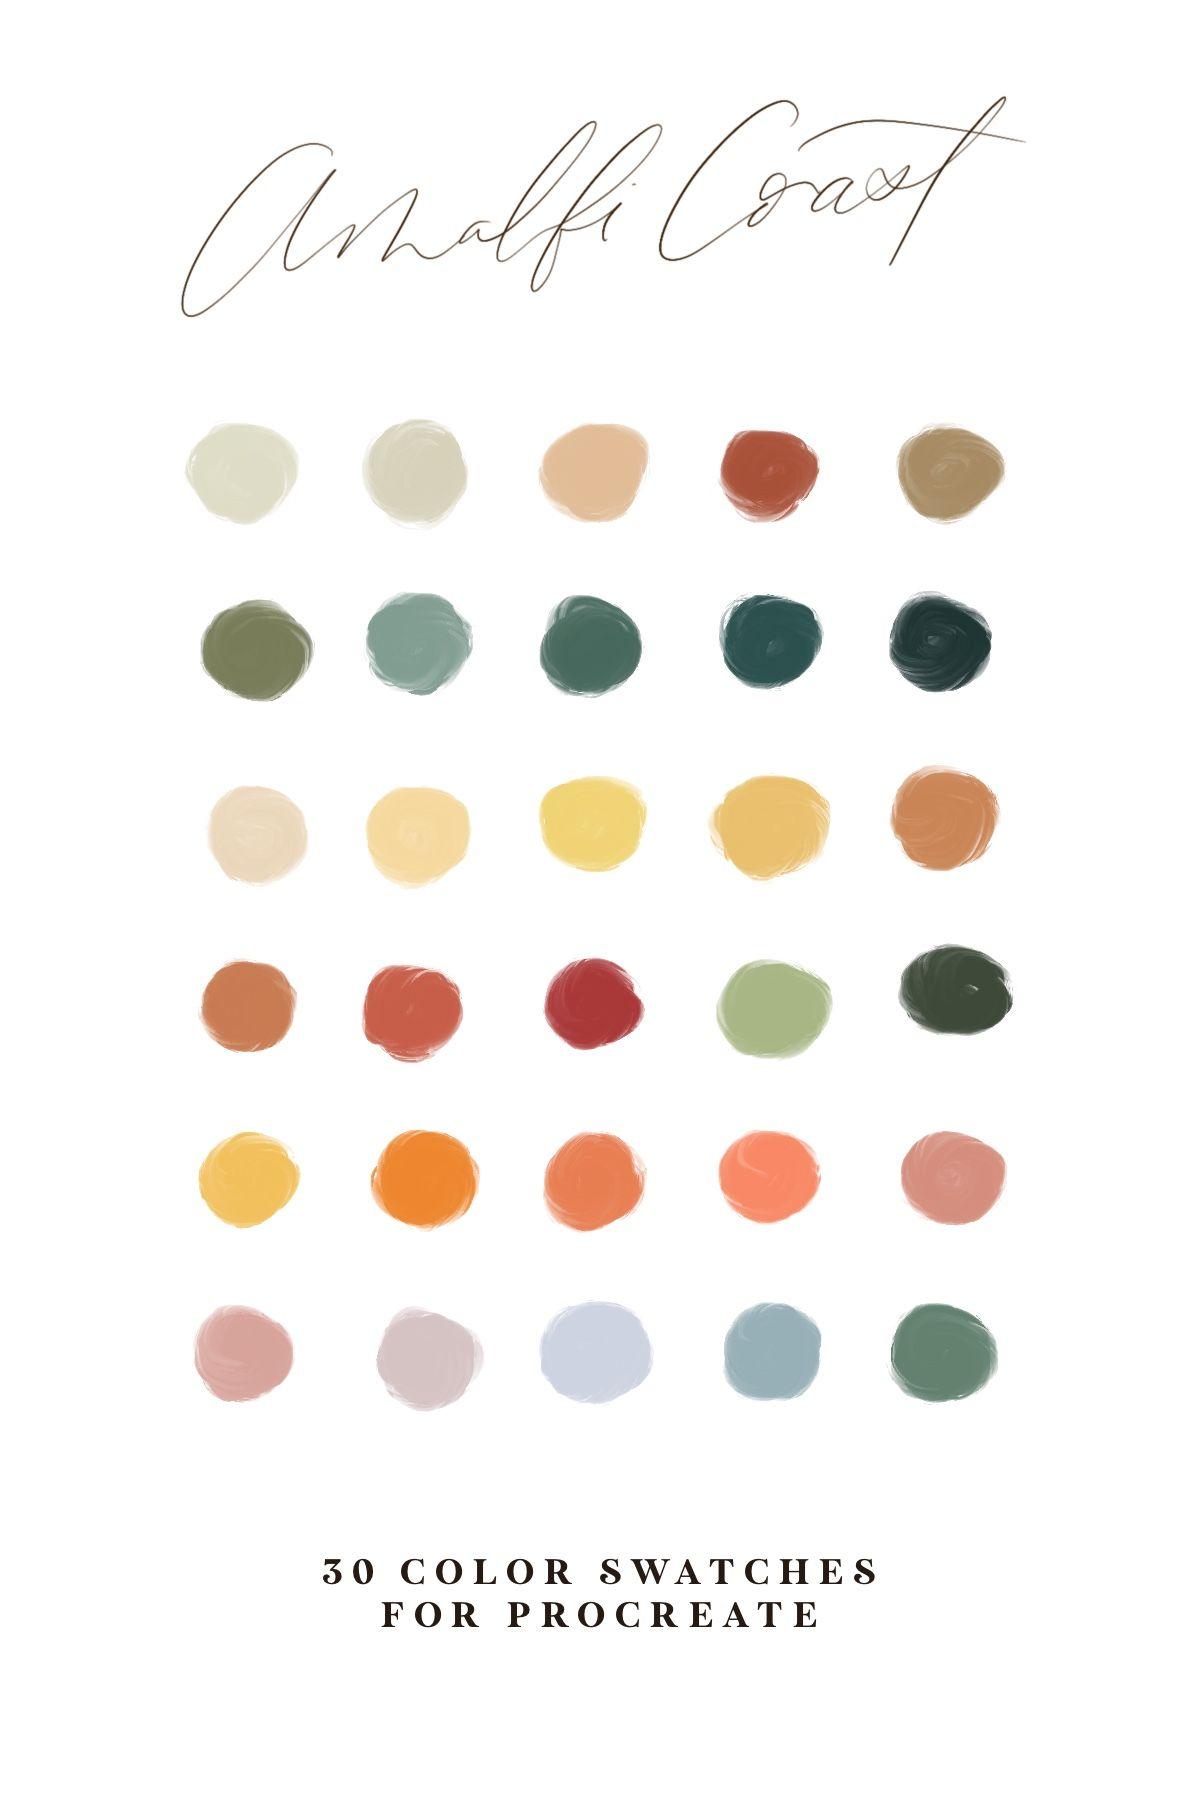 Amalfi Coast Procreate Color Palette Procreate Palette Procreate Swatches Procreate Tools Wildflower Scout Co In 2020 Jewel Tone Color Palette Coral Colour Palette Earthy Color Palette